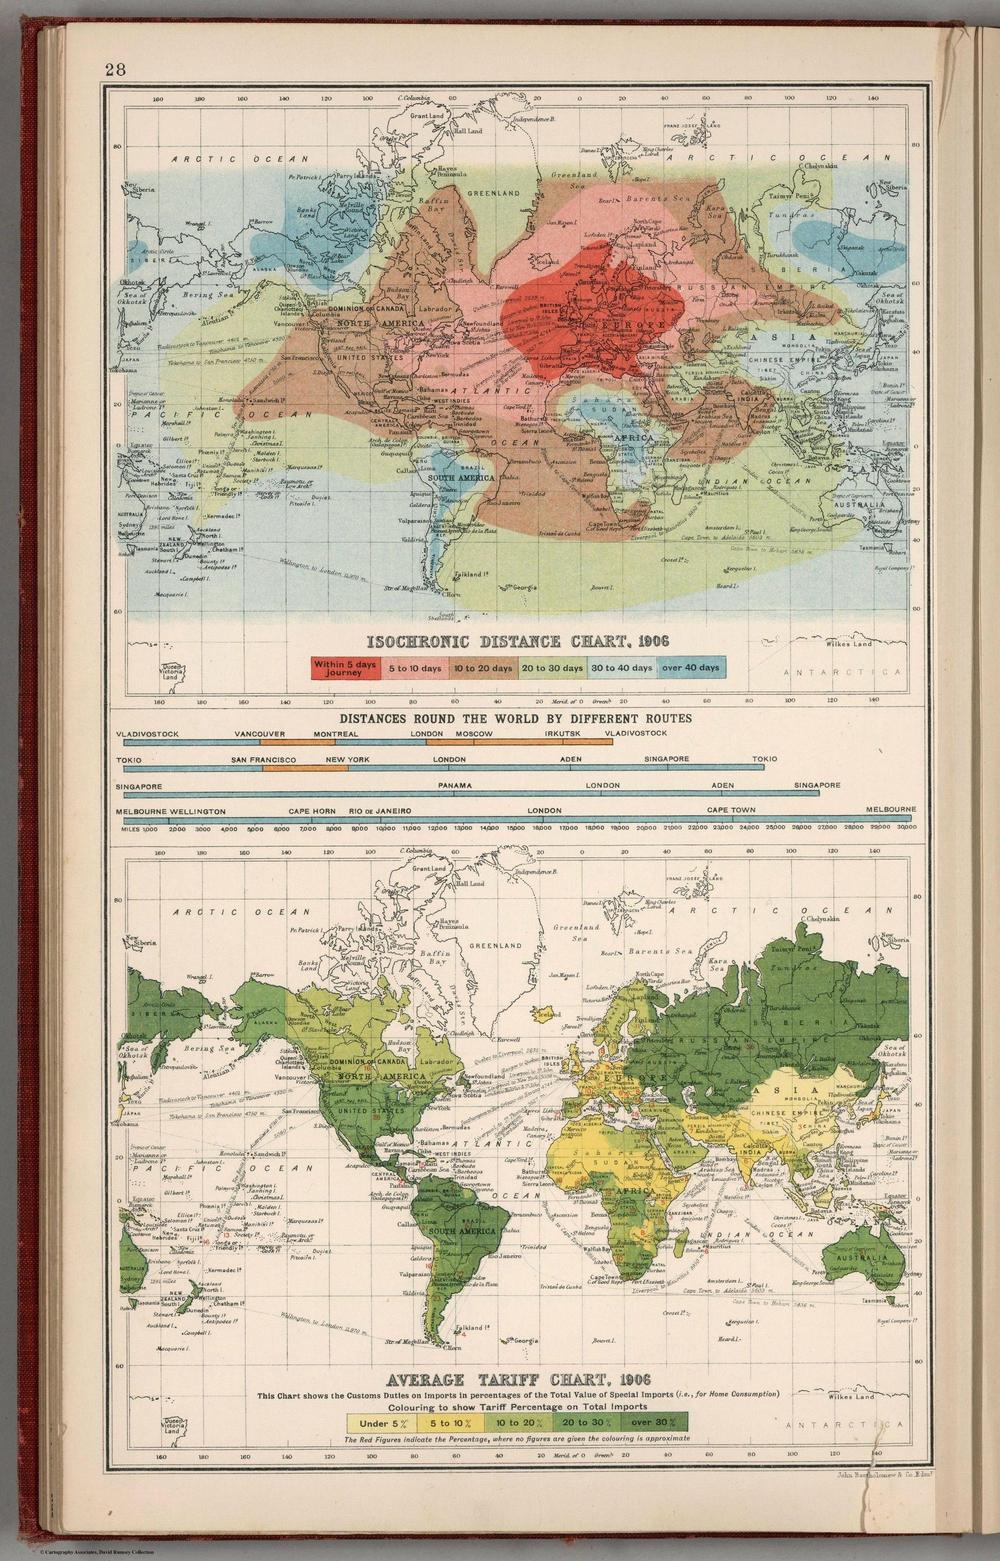 карта расстояний 1906 год